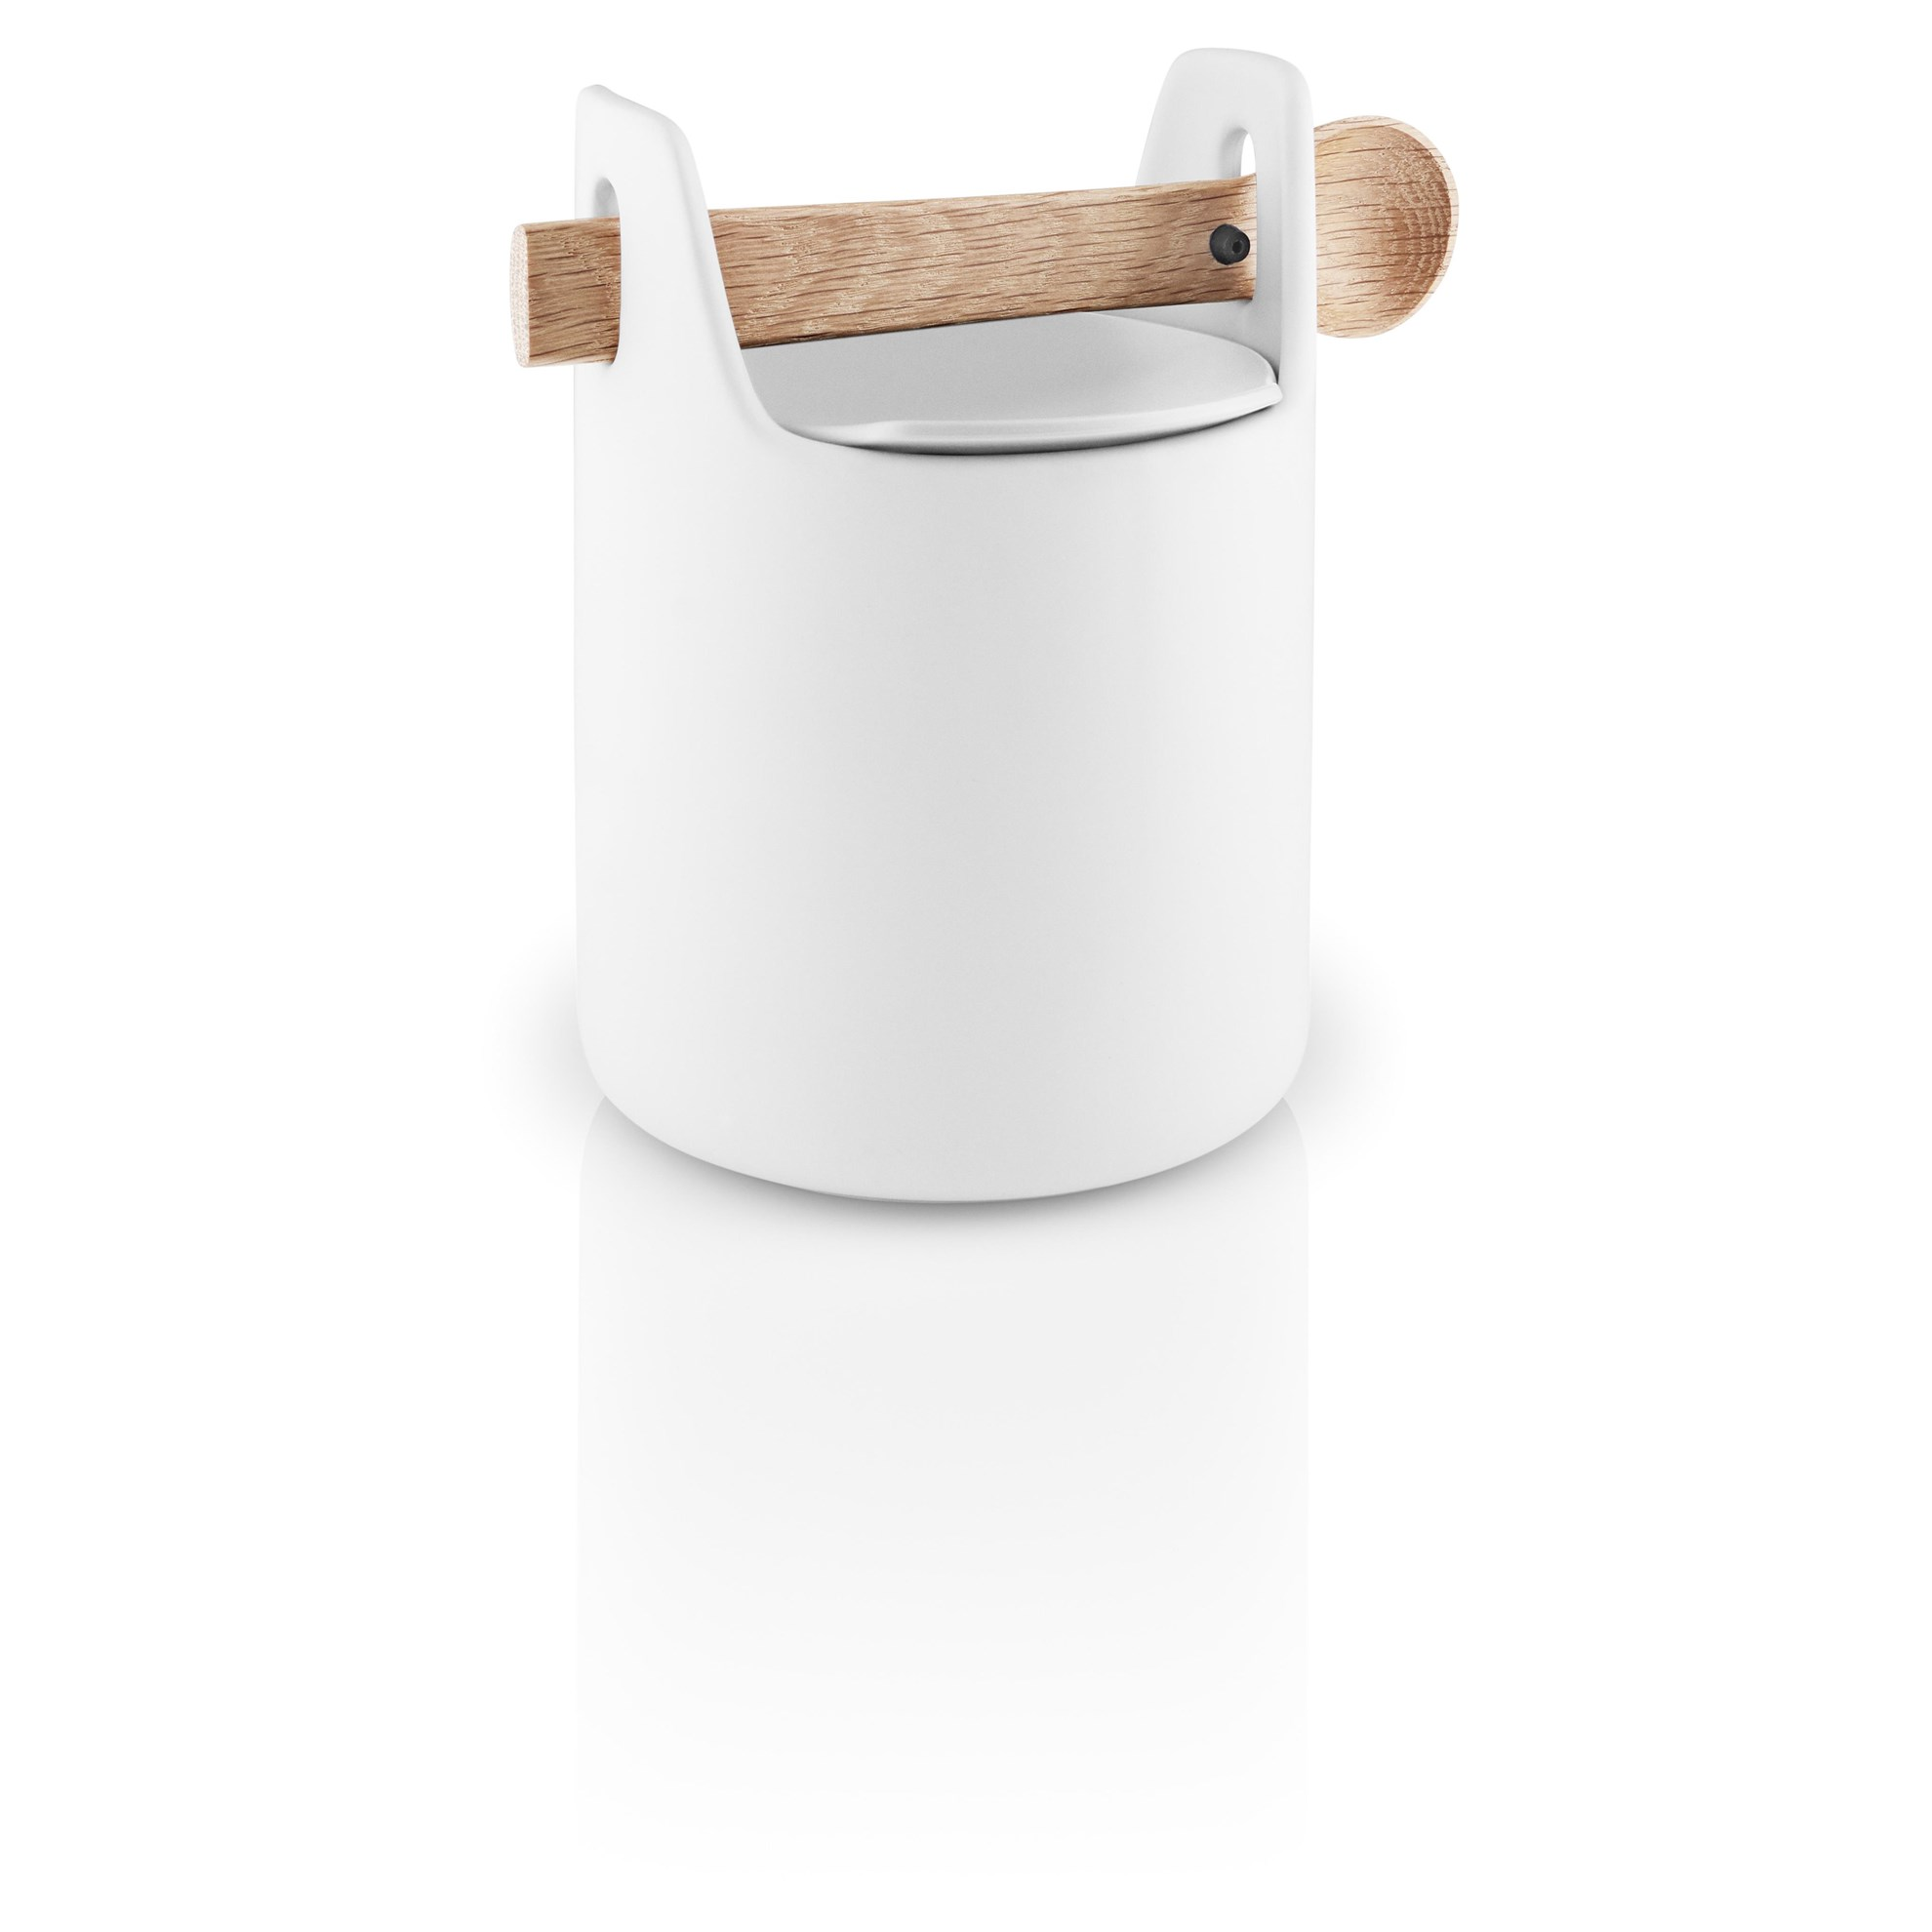 Dóza s dřevěnou lžičkou TOOLBOX, bílá - 15 cm_0